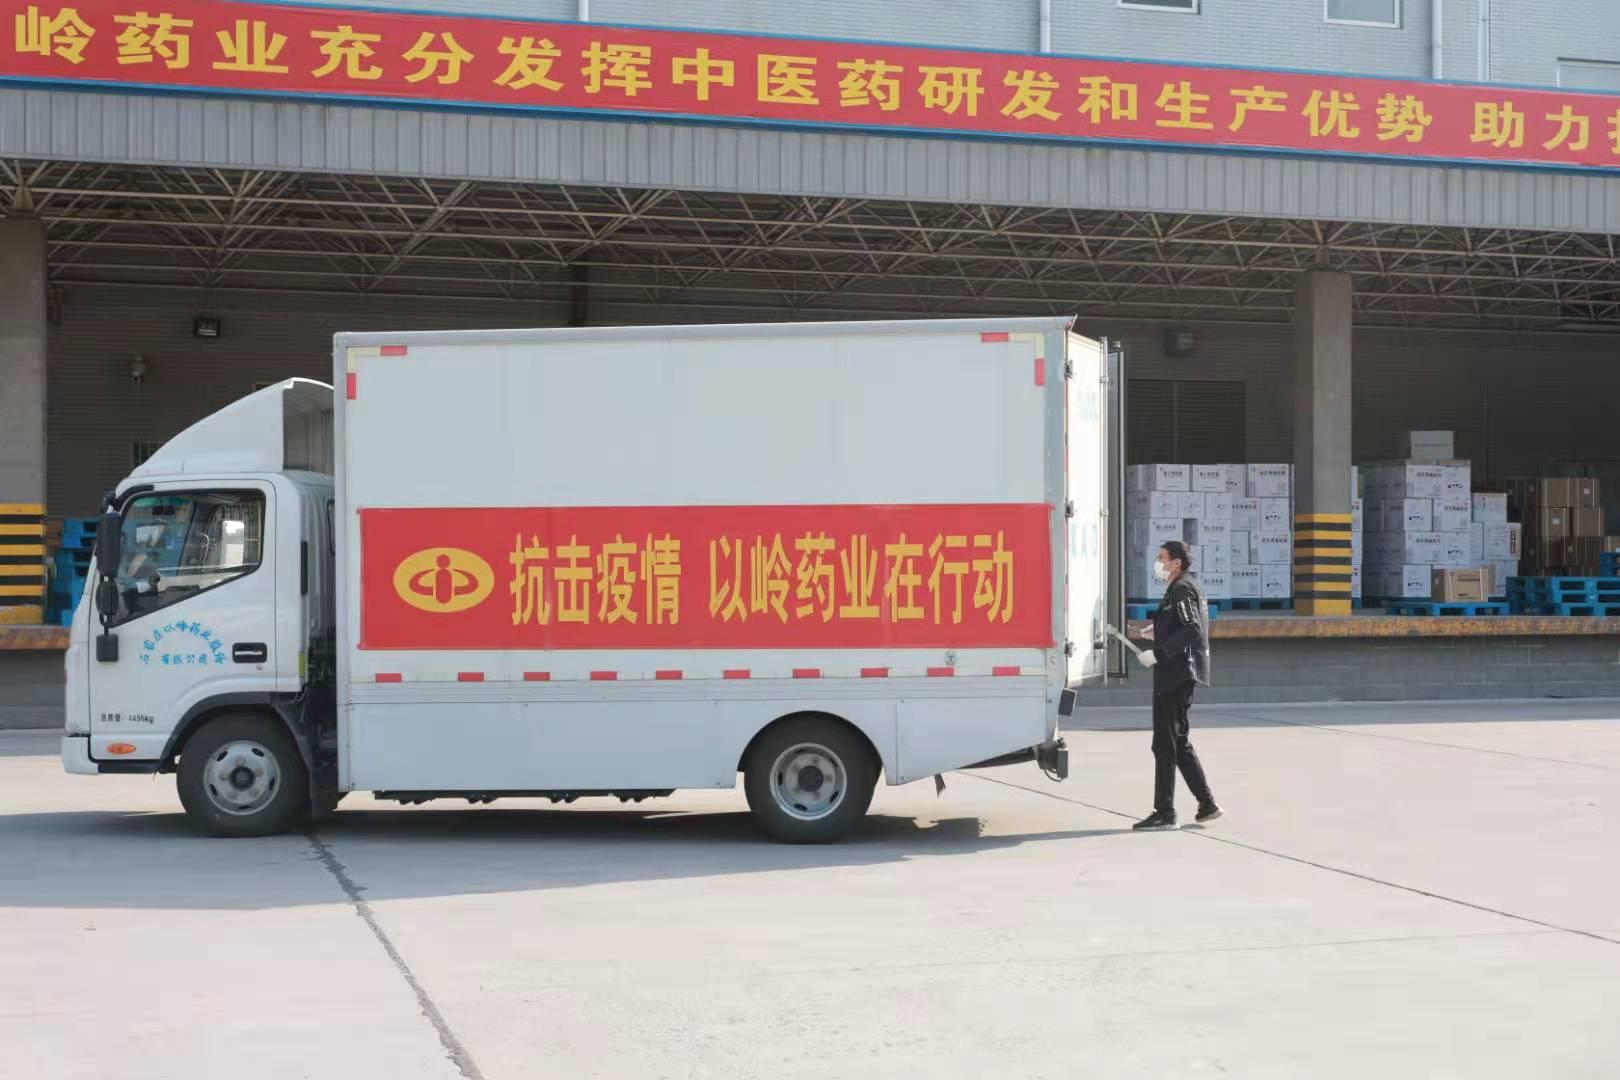 """以岭药业向中国红十字基金会捐赠5000万元款物启动""""连花呼吸健康公益行""""项目"""